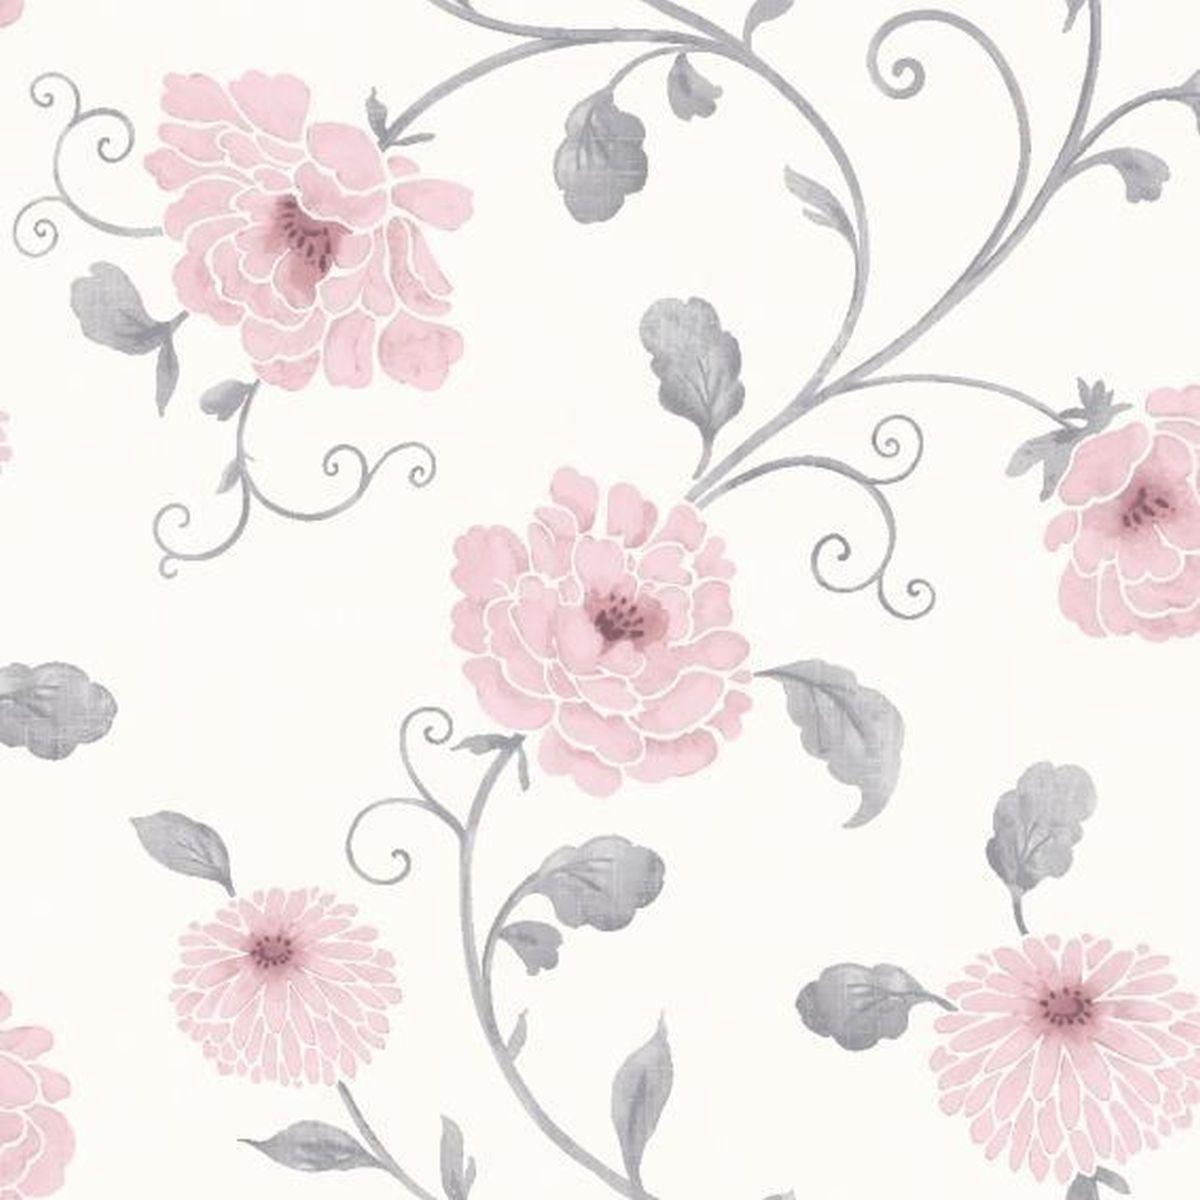 Best of Arthouse Vliestapete ansprechende Tapete 613407 Rosa Blumentapete